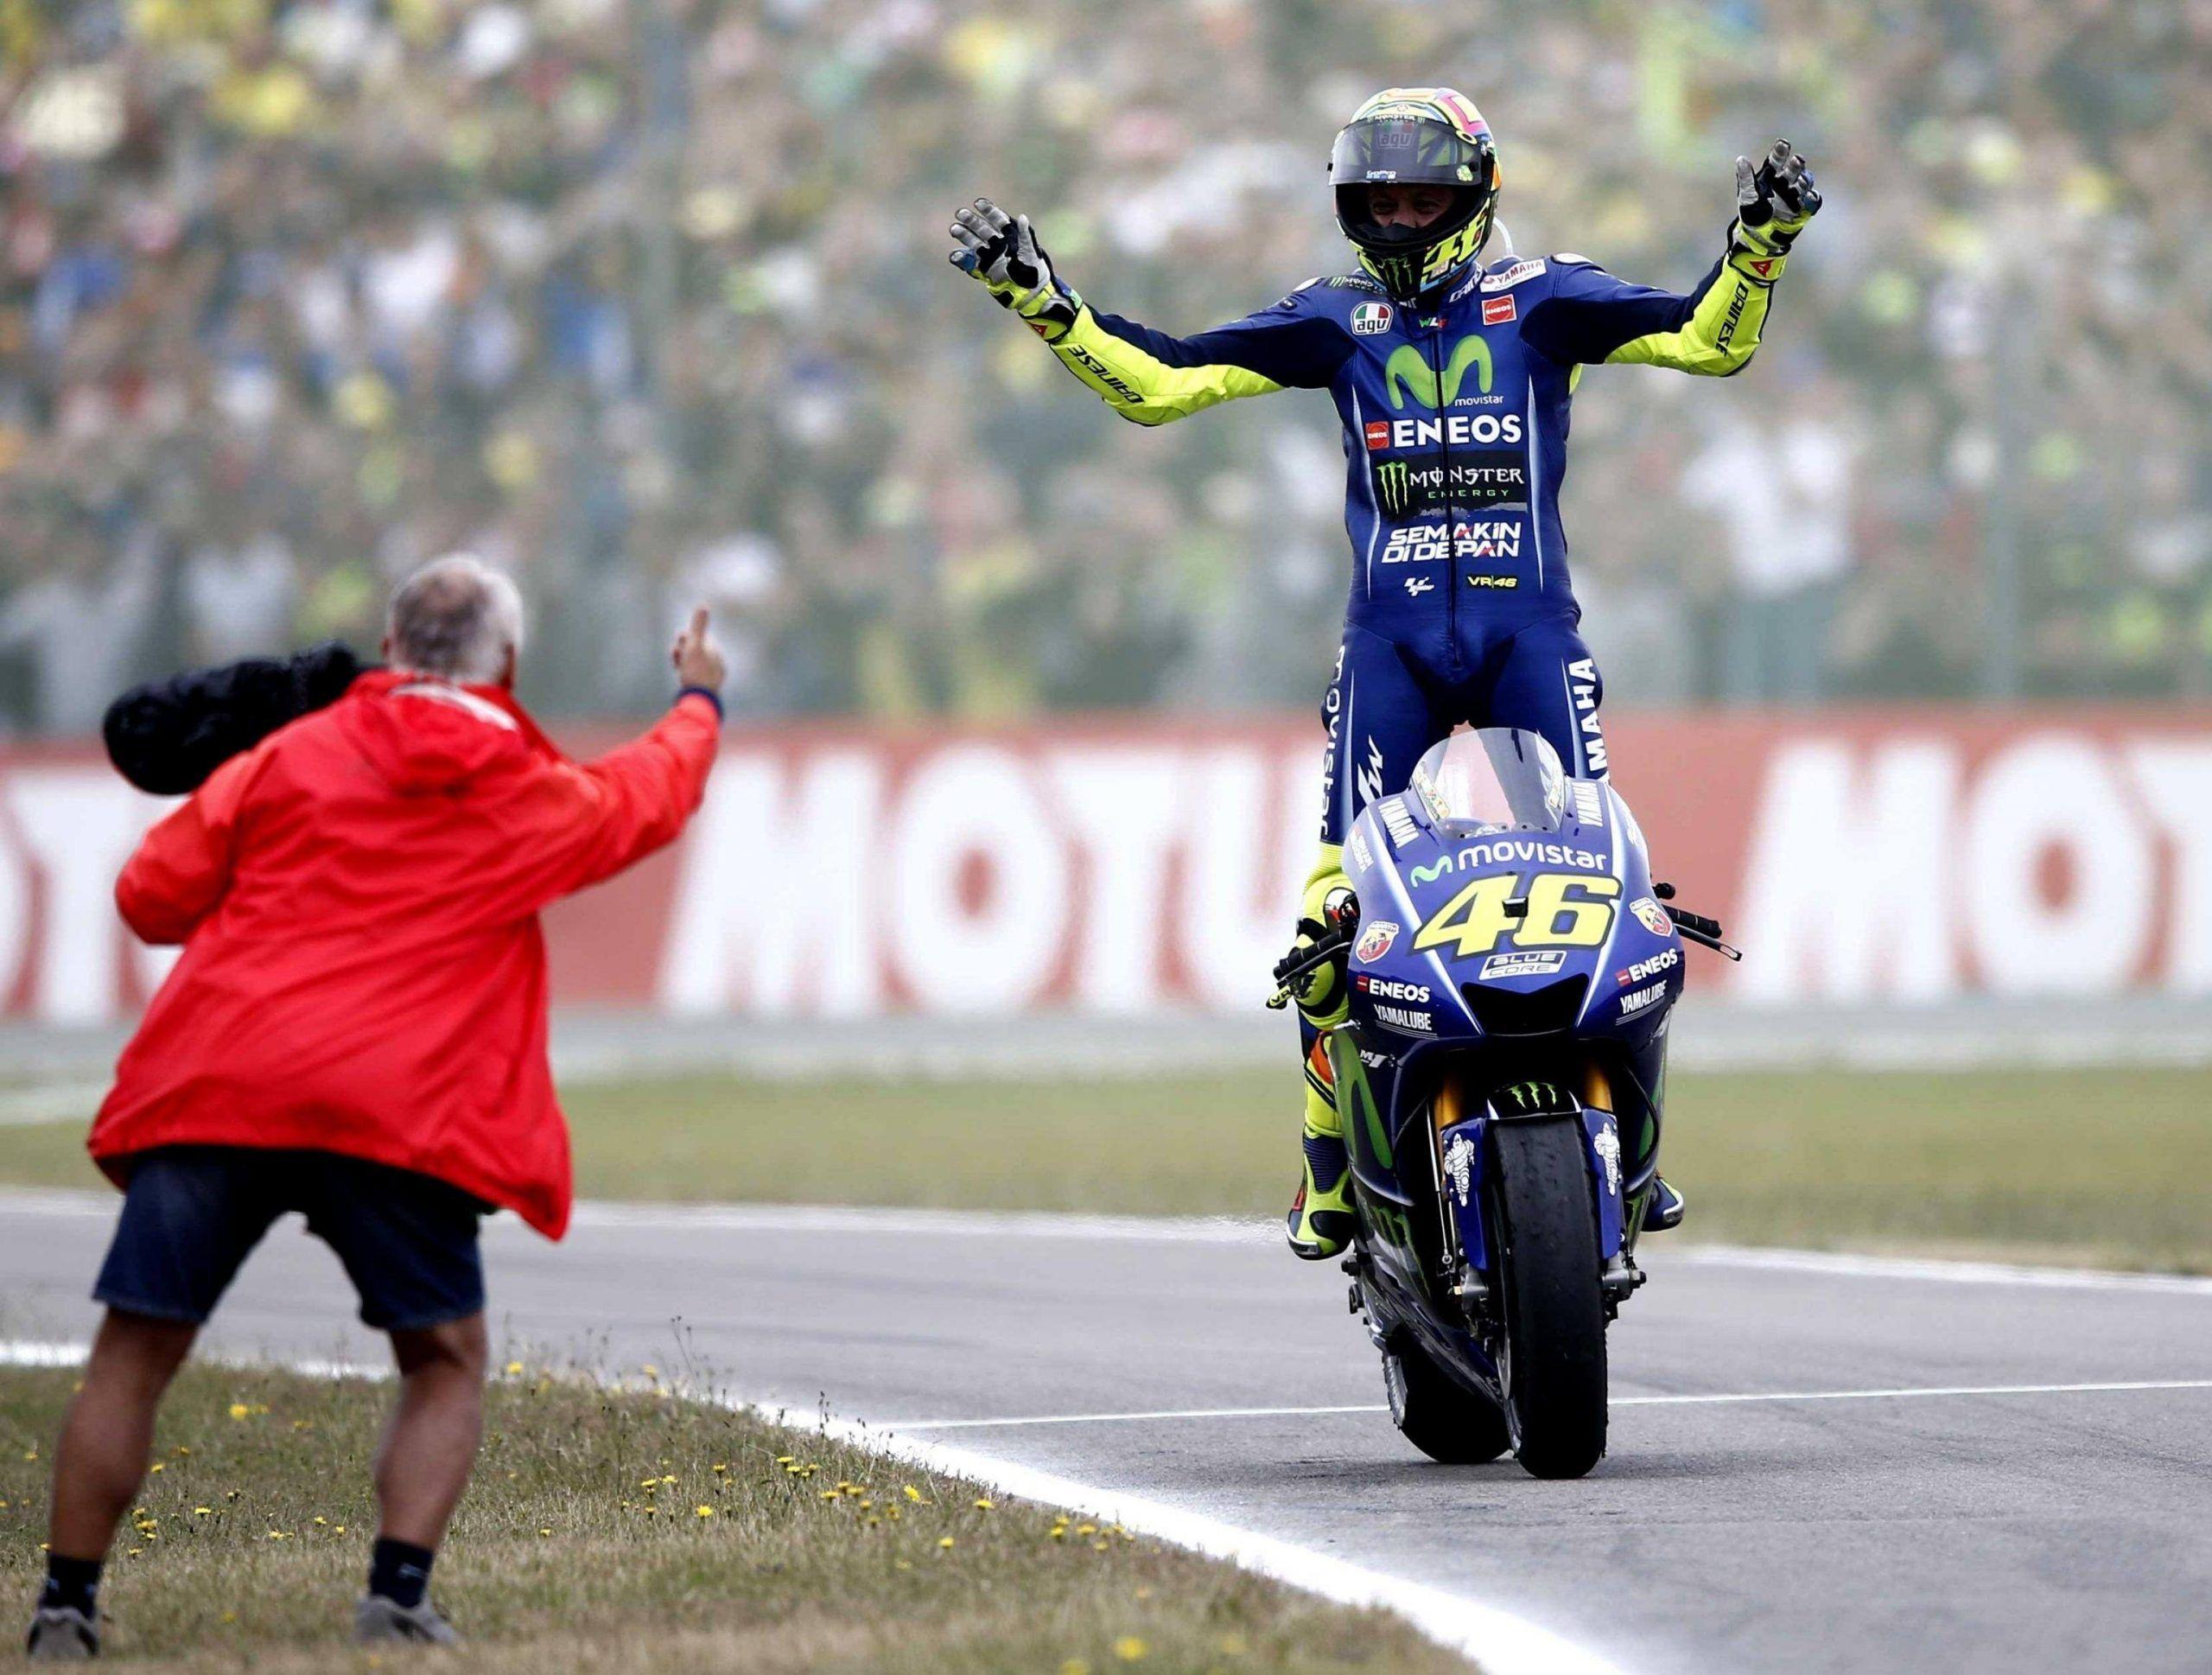 Valentino Rossi news: per i bookmaker può ancora vincere il Mondiale